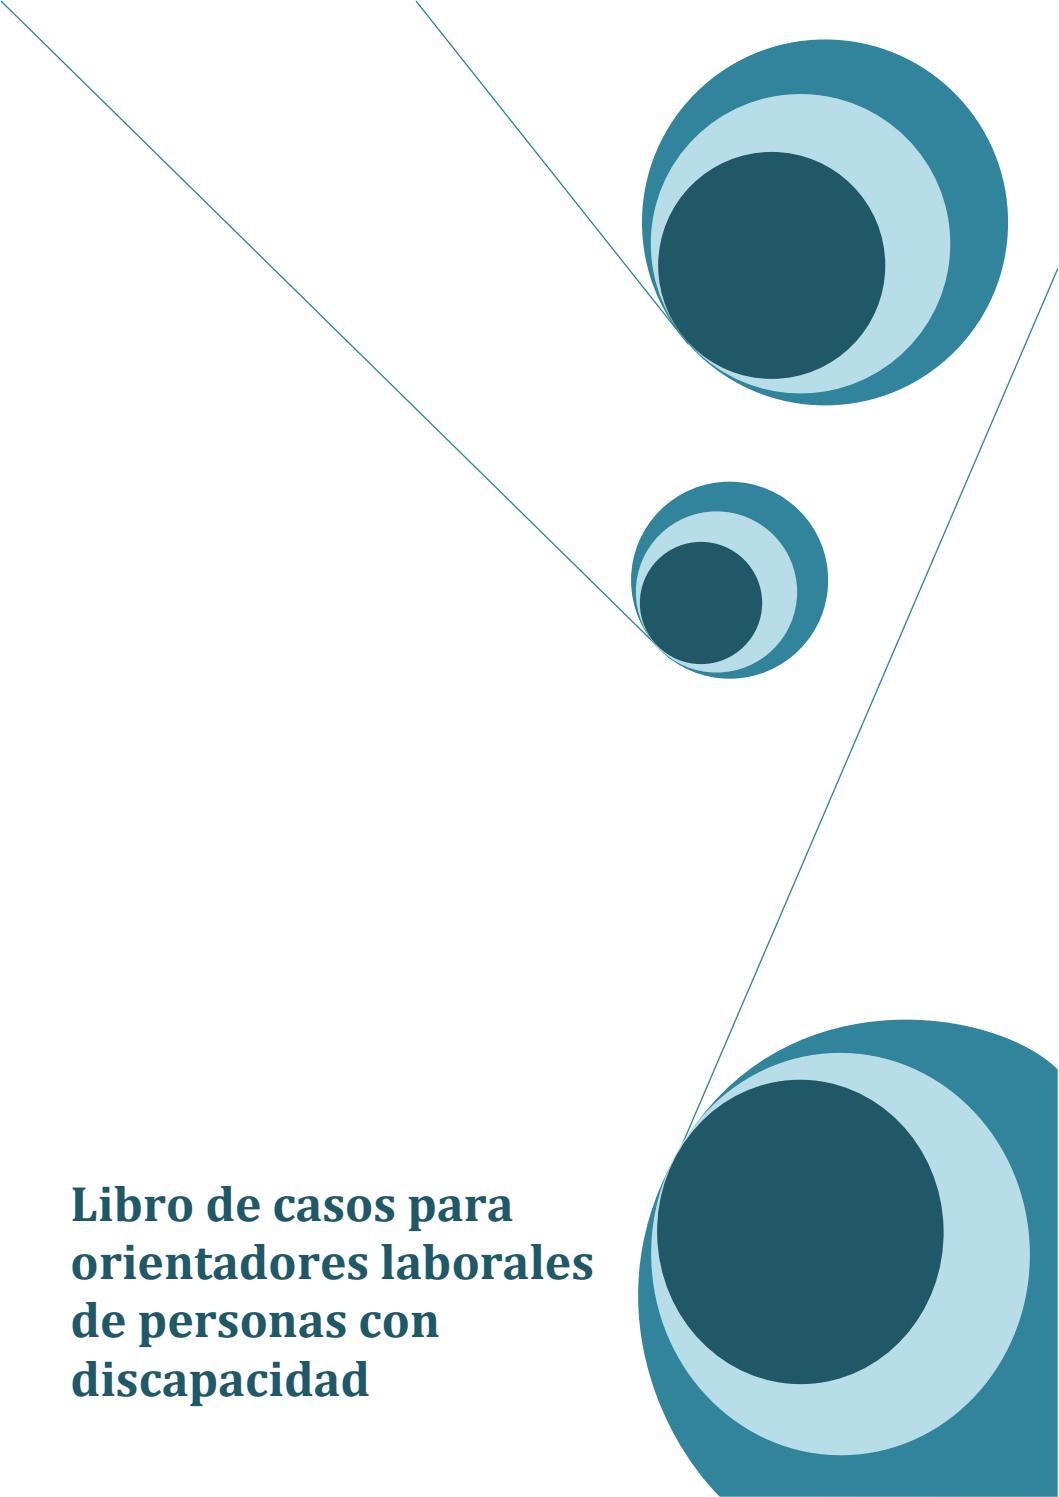 Libro de casos del Proyecto RECAR by Fundación Docete Omnes - issuu